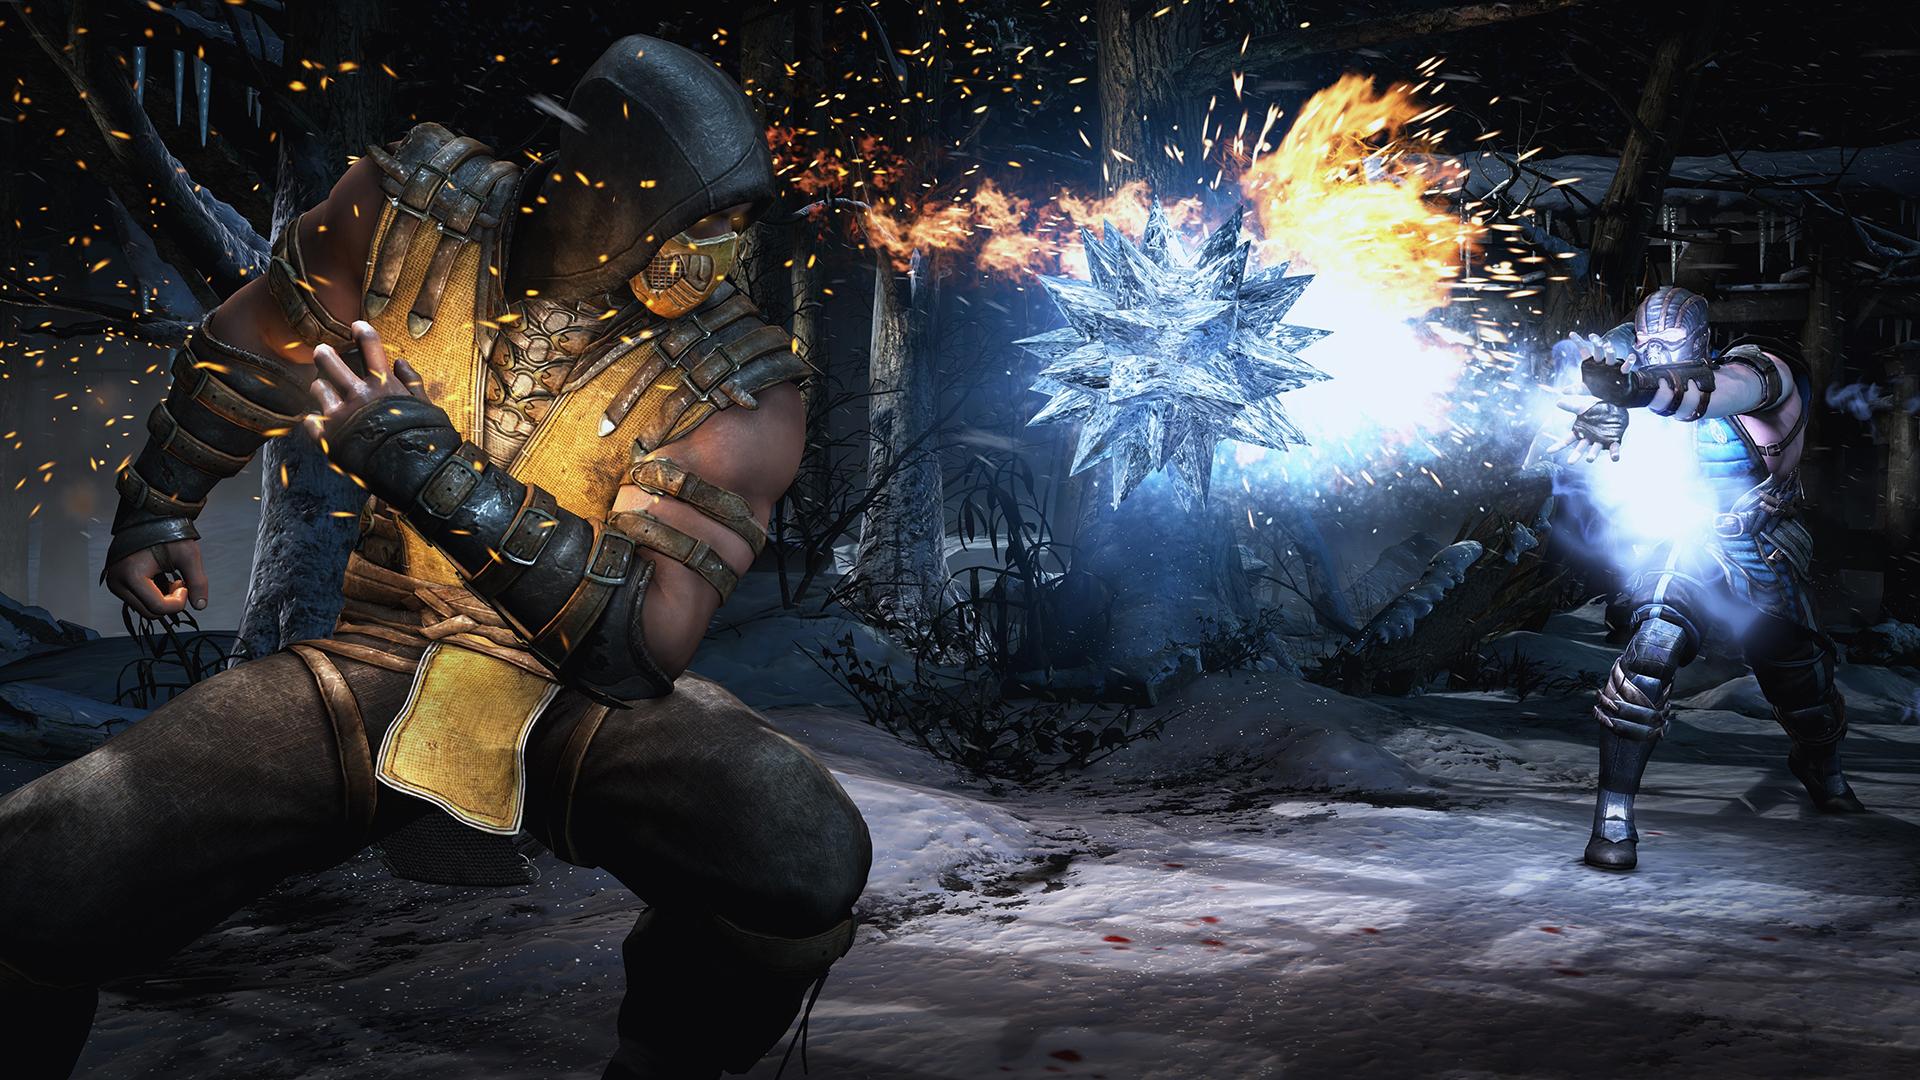 Primeras imágenes oficiales de Mortal Kombat X 1yhy4